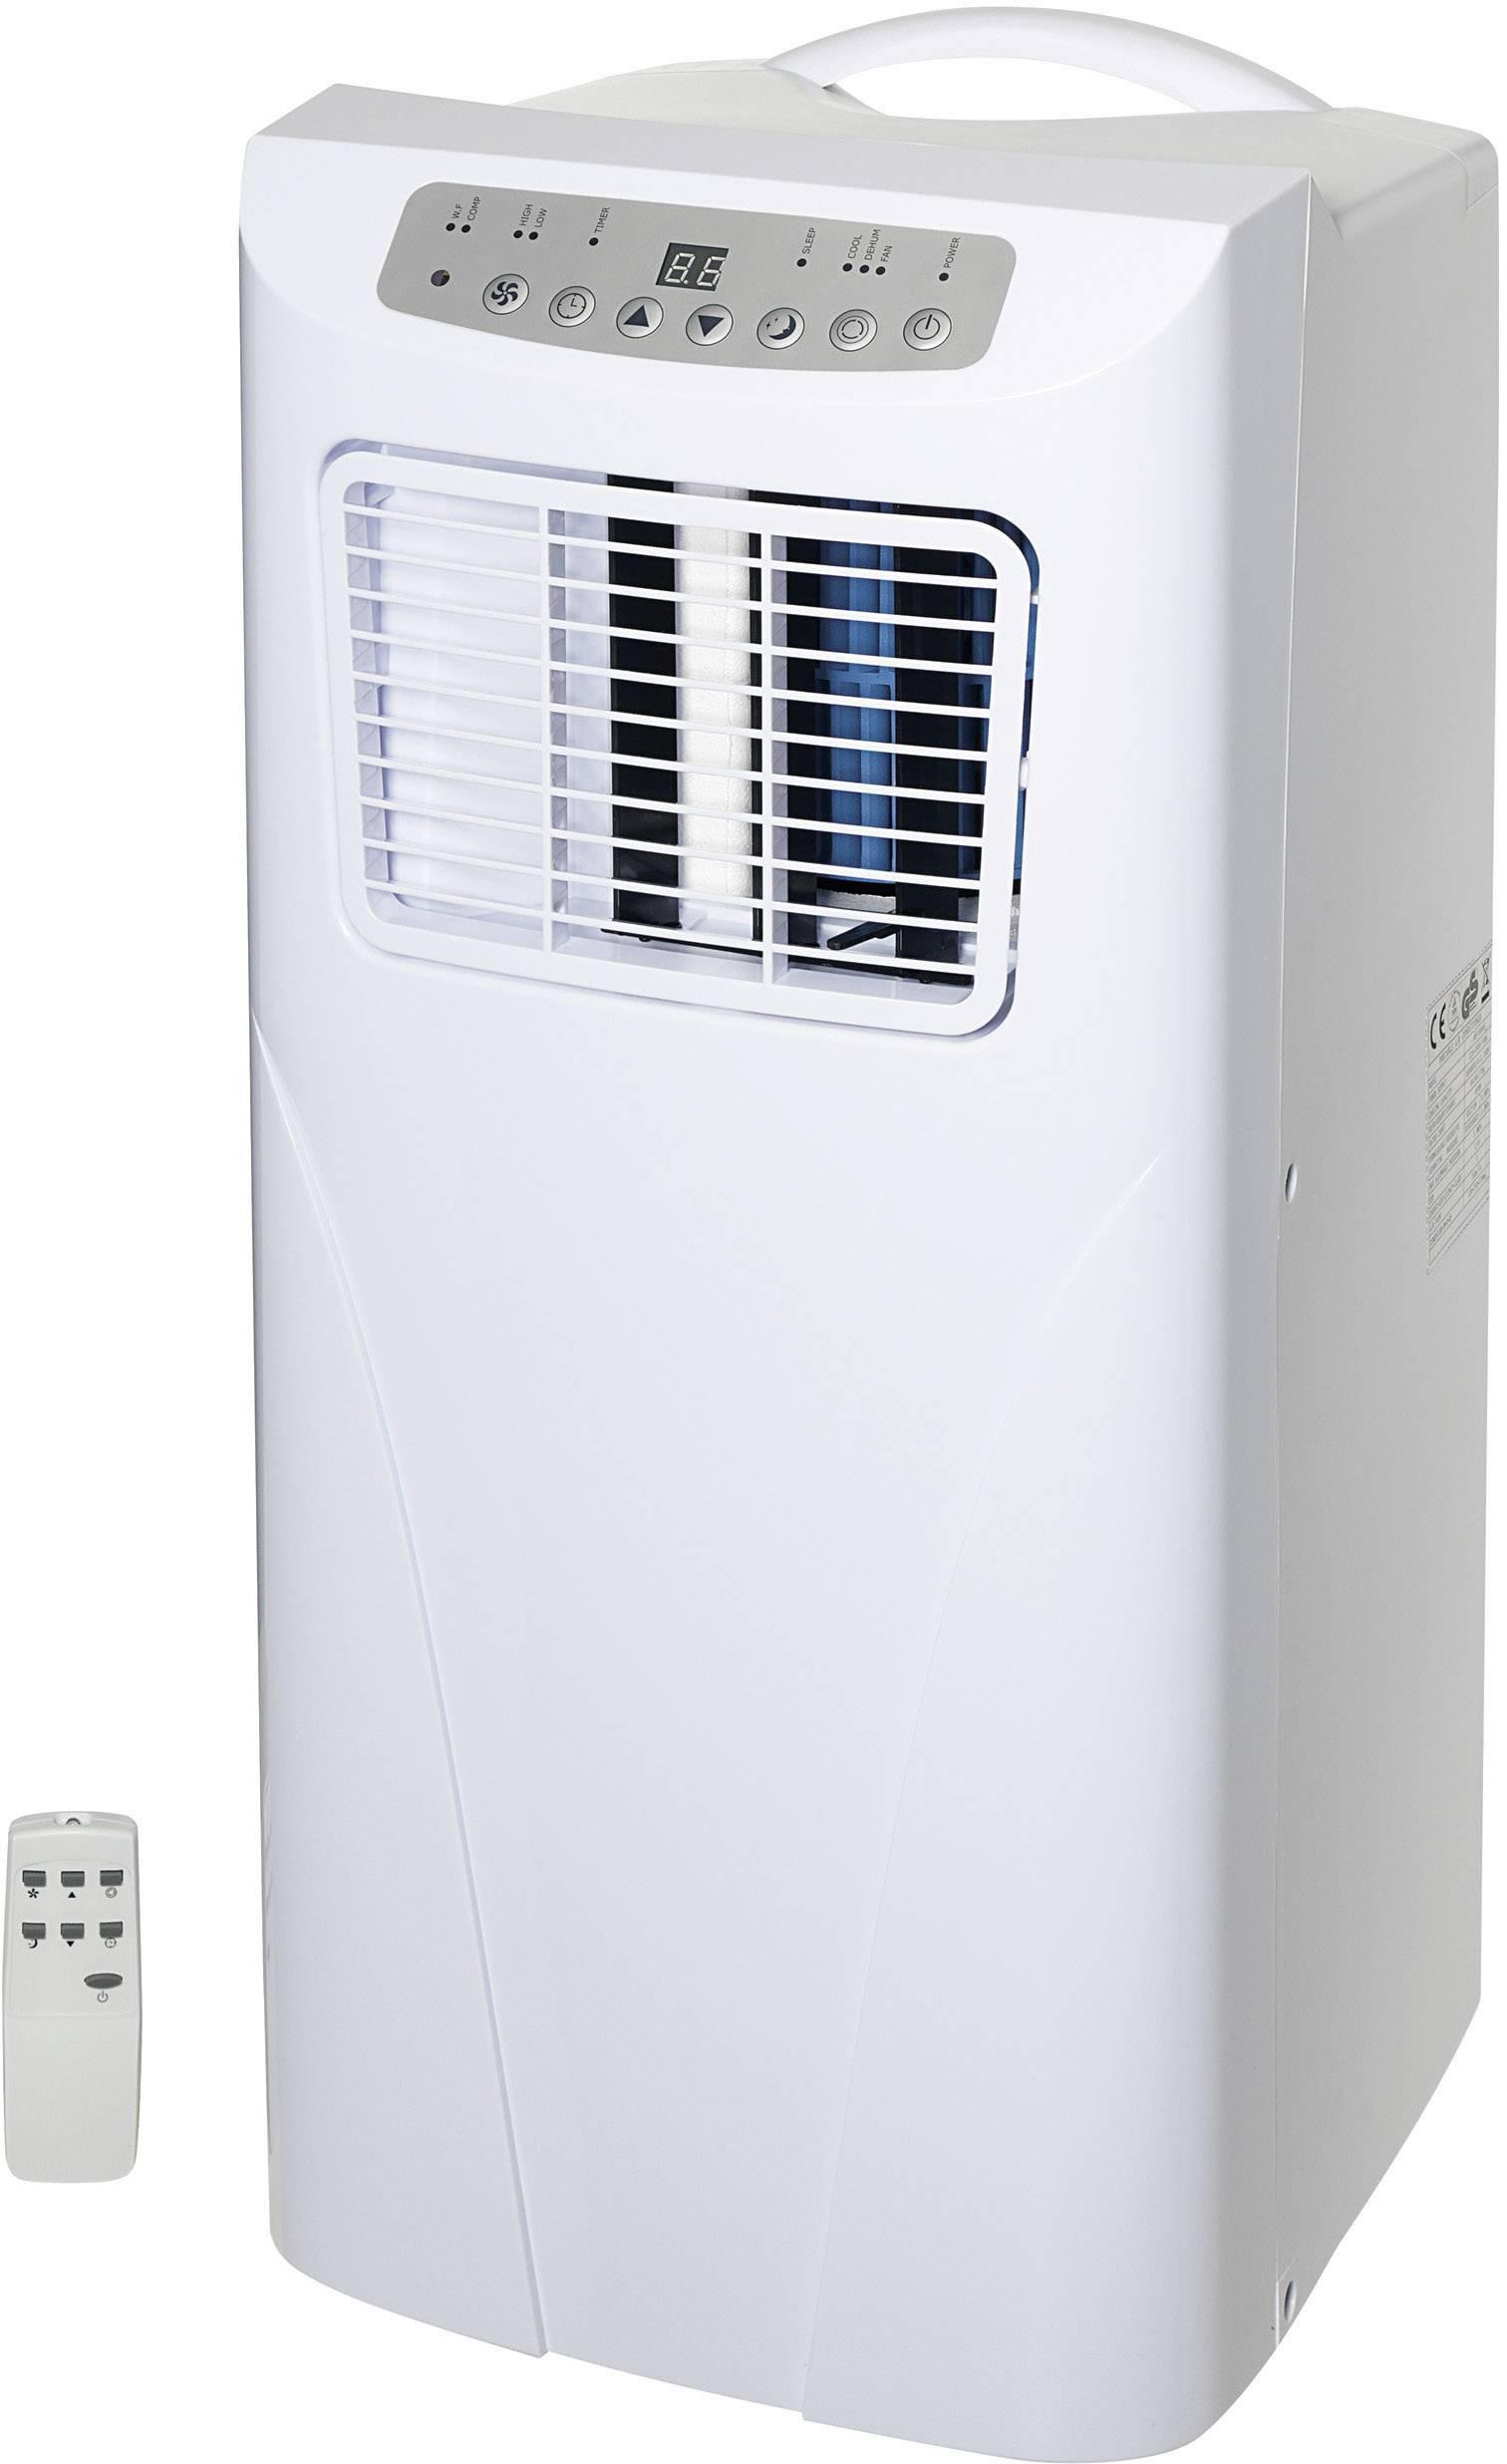 Mobilná klimatizácia 10000 BTU, 1100 W, Trieda energetickej účinnosti A, 18 m2